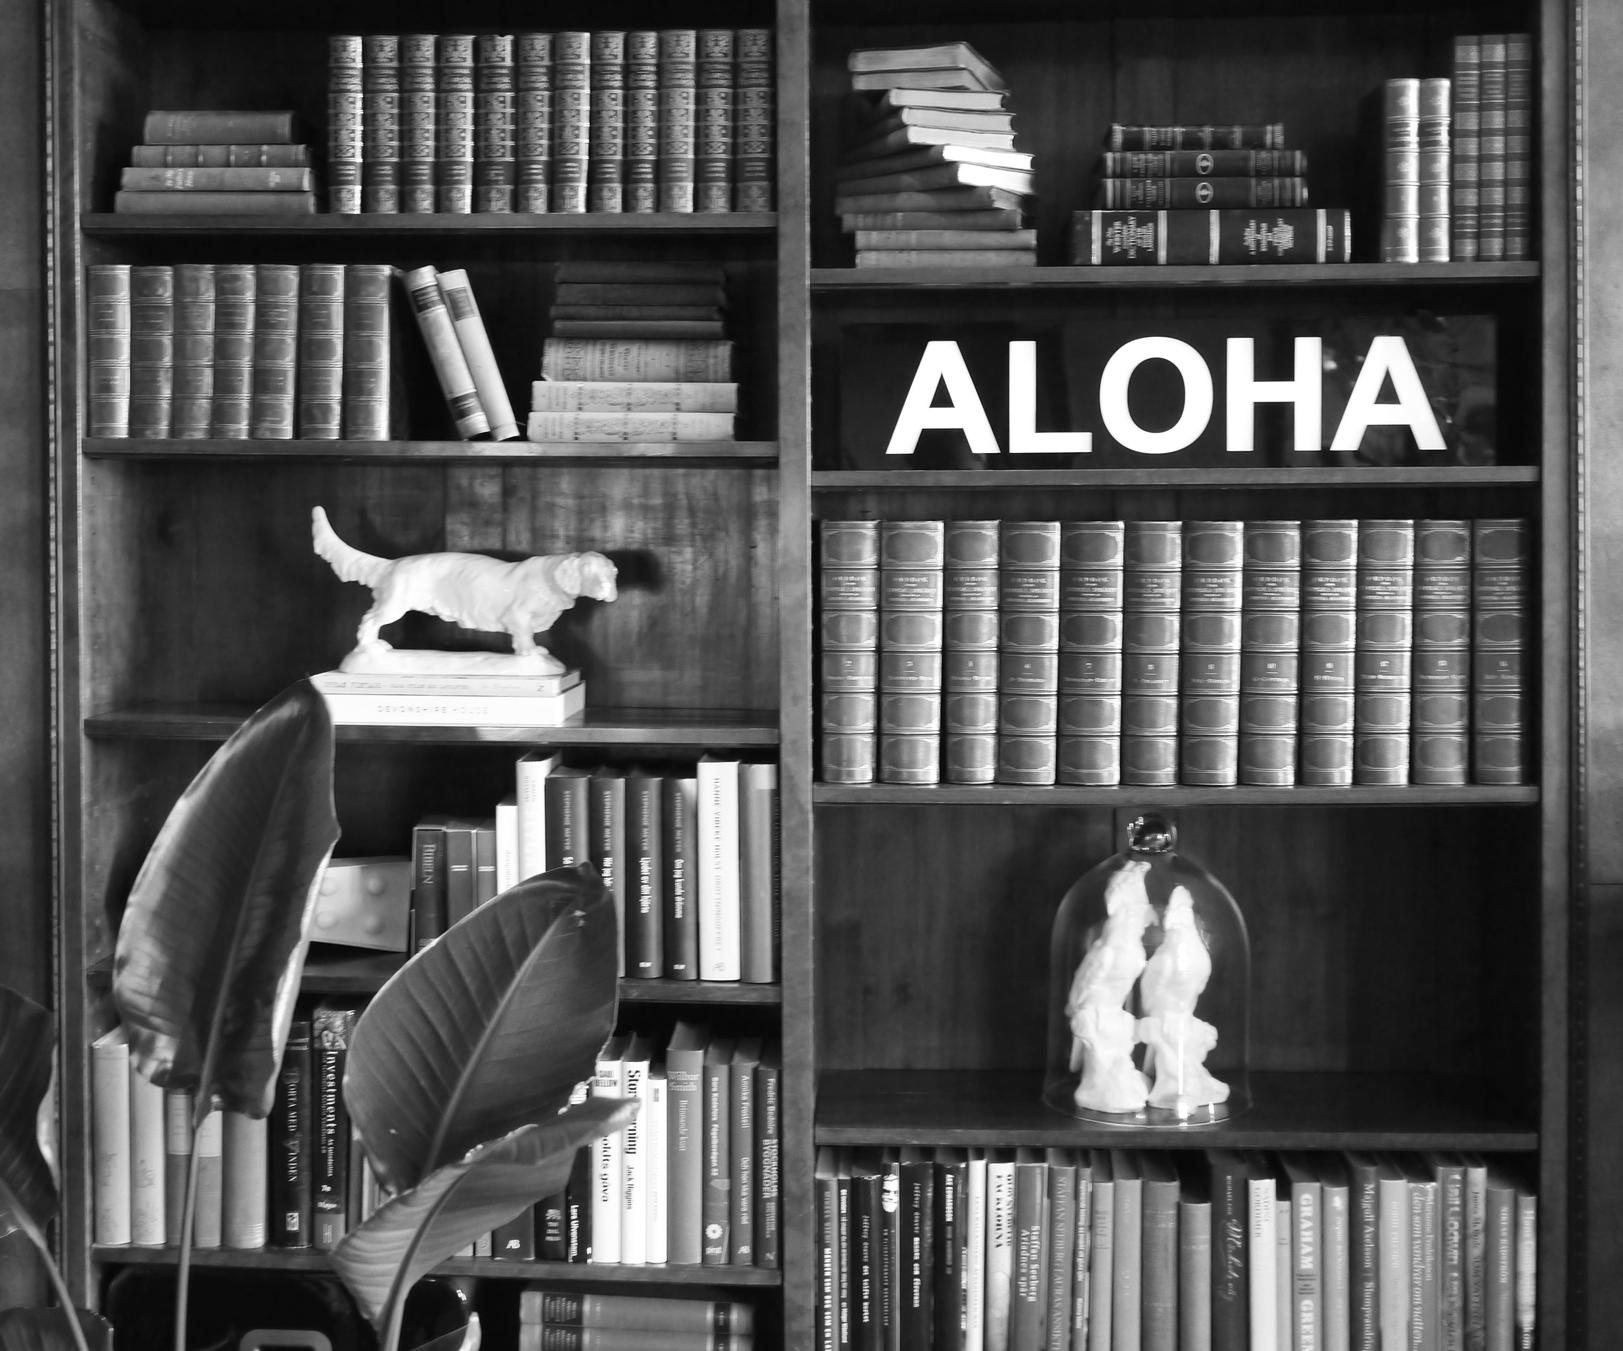 En nykomling i bokhyllan, ljusbox från BXXLGHT